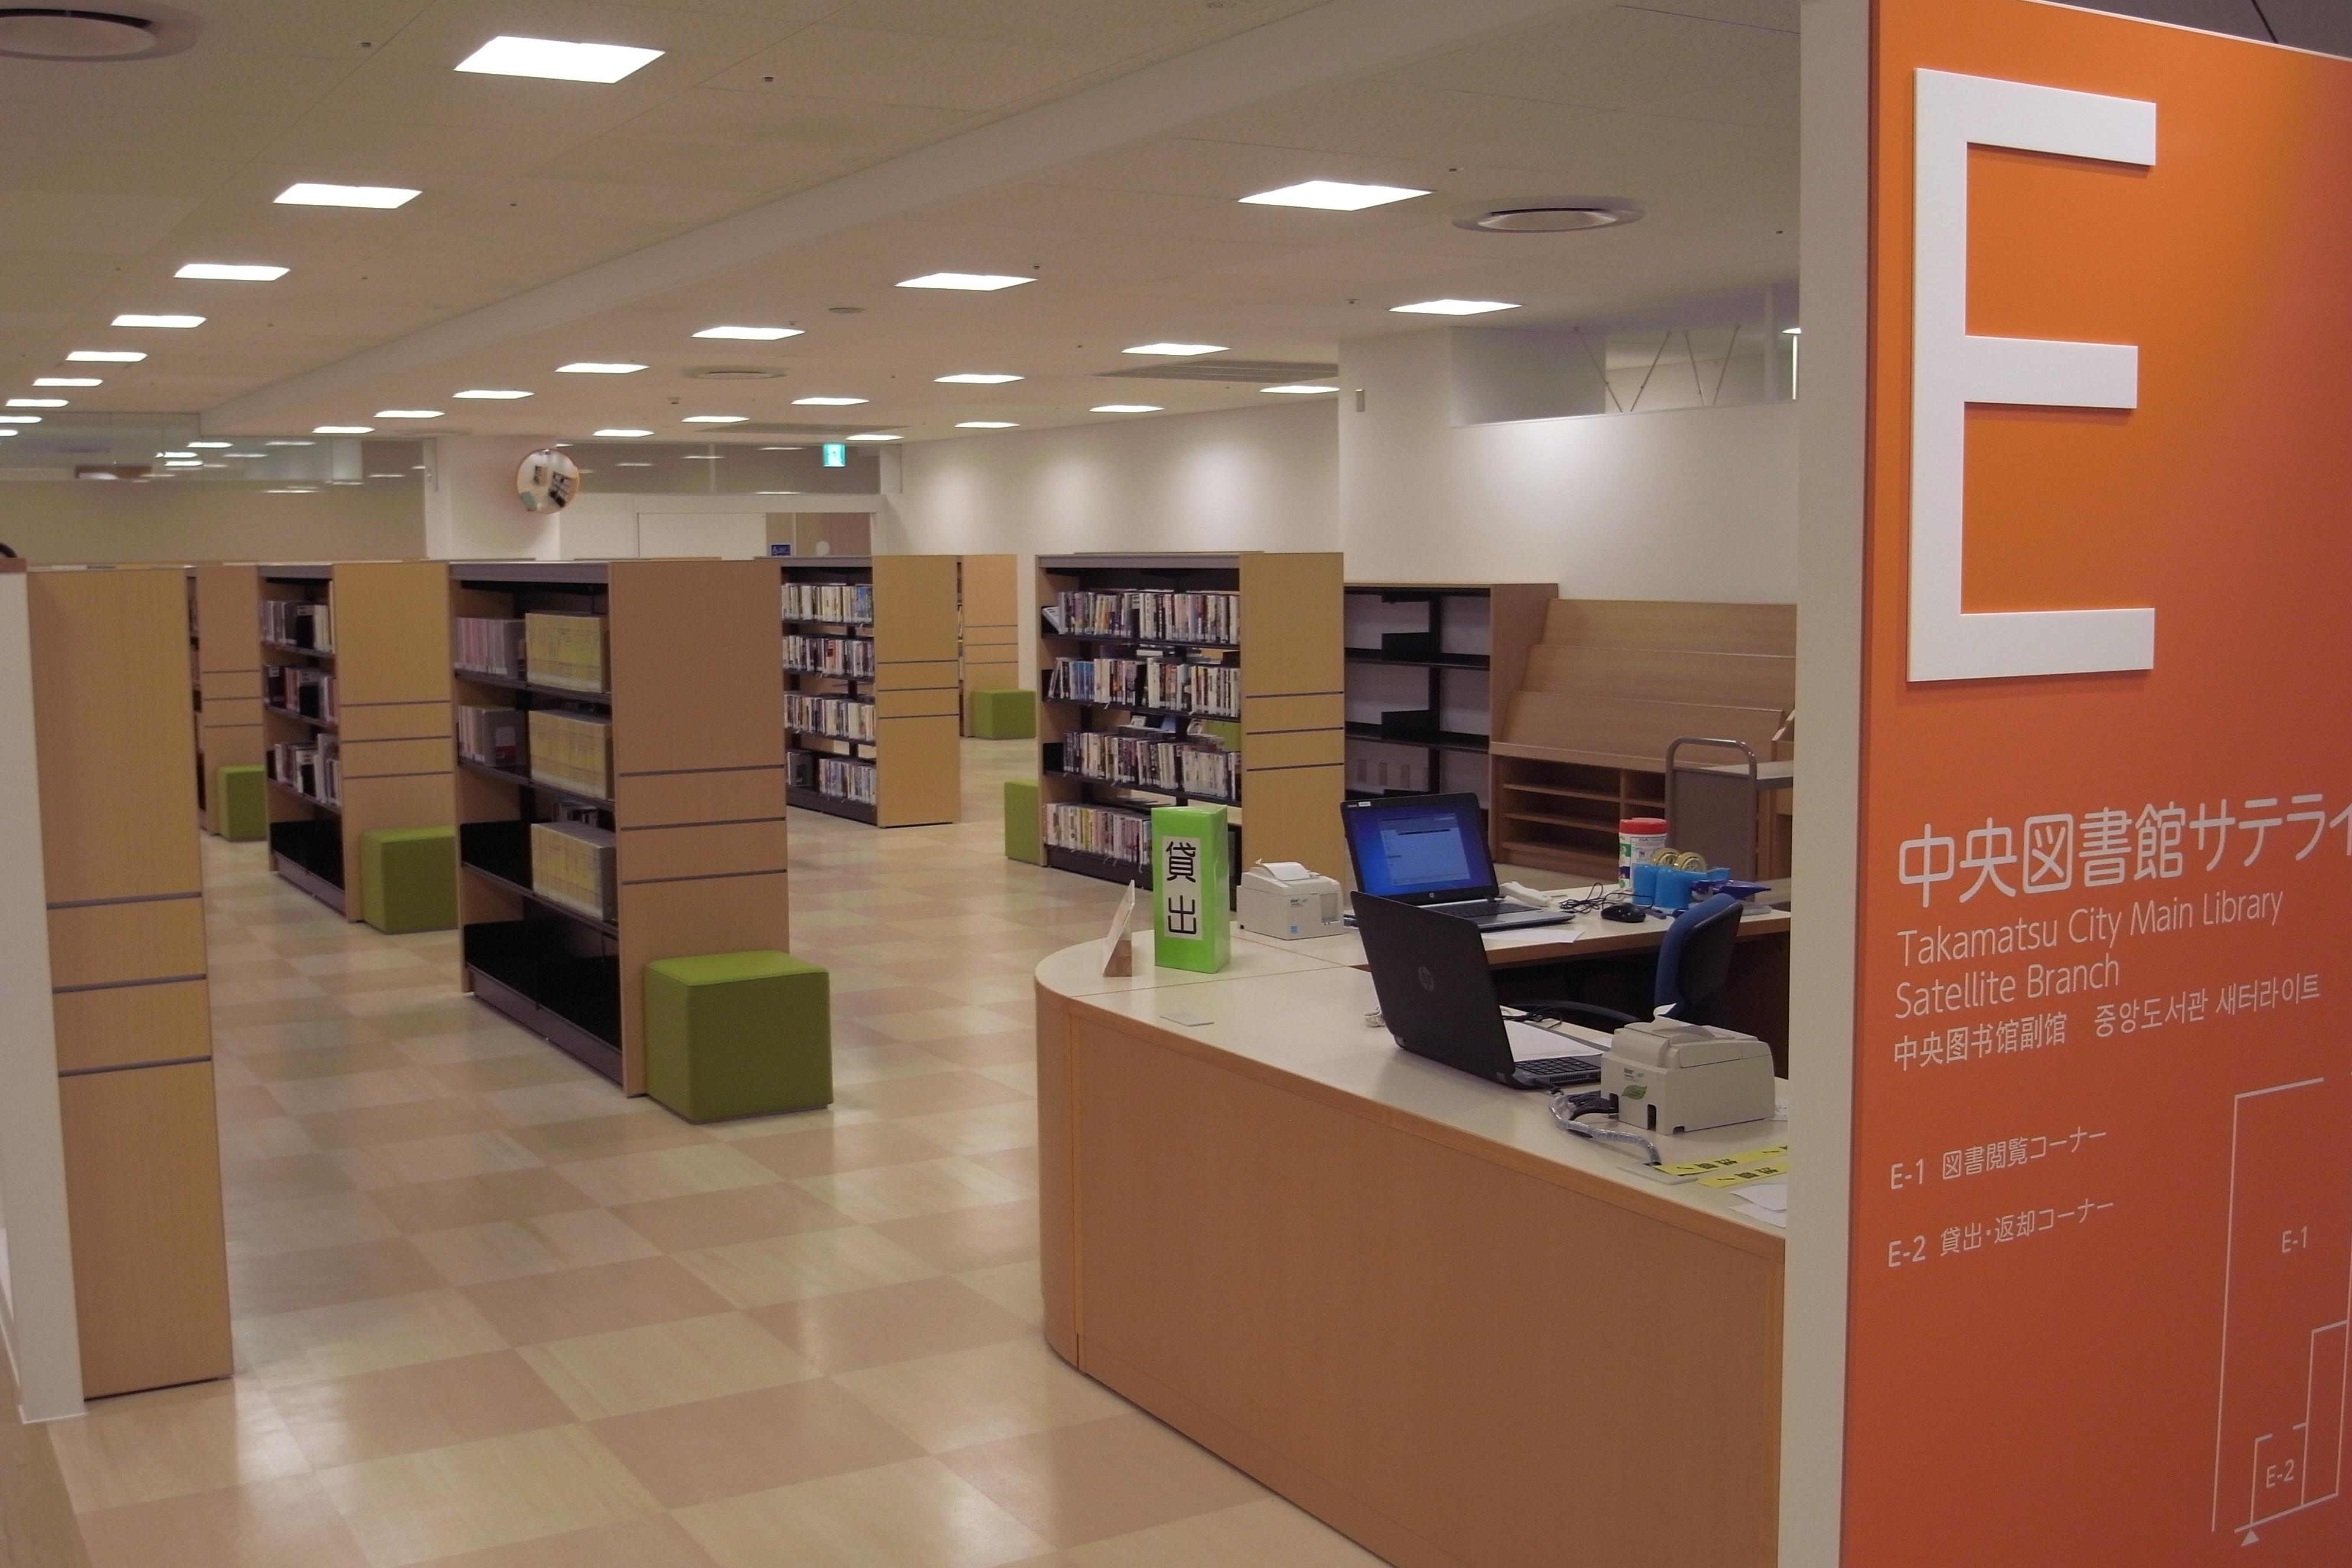 中央 図書館 高松